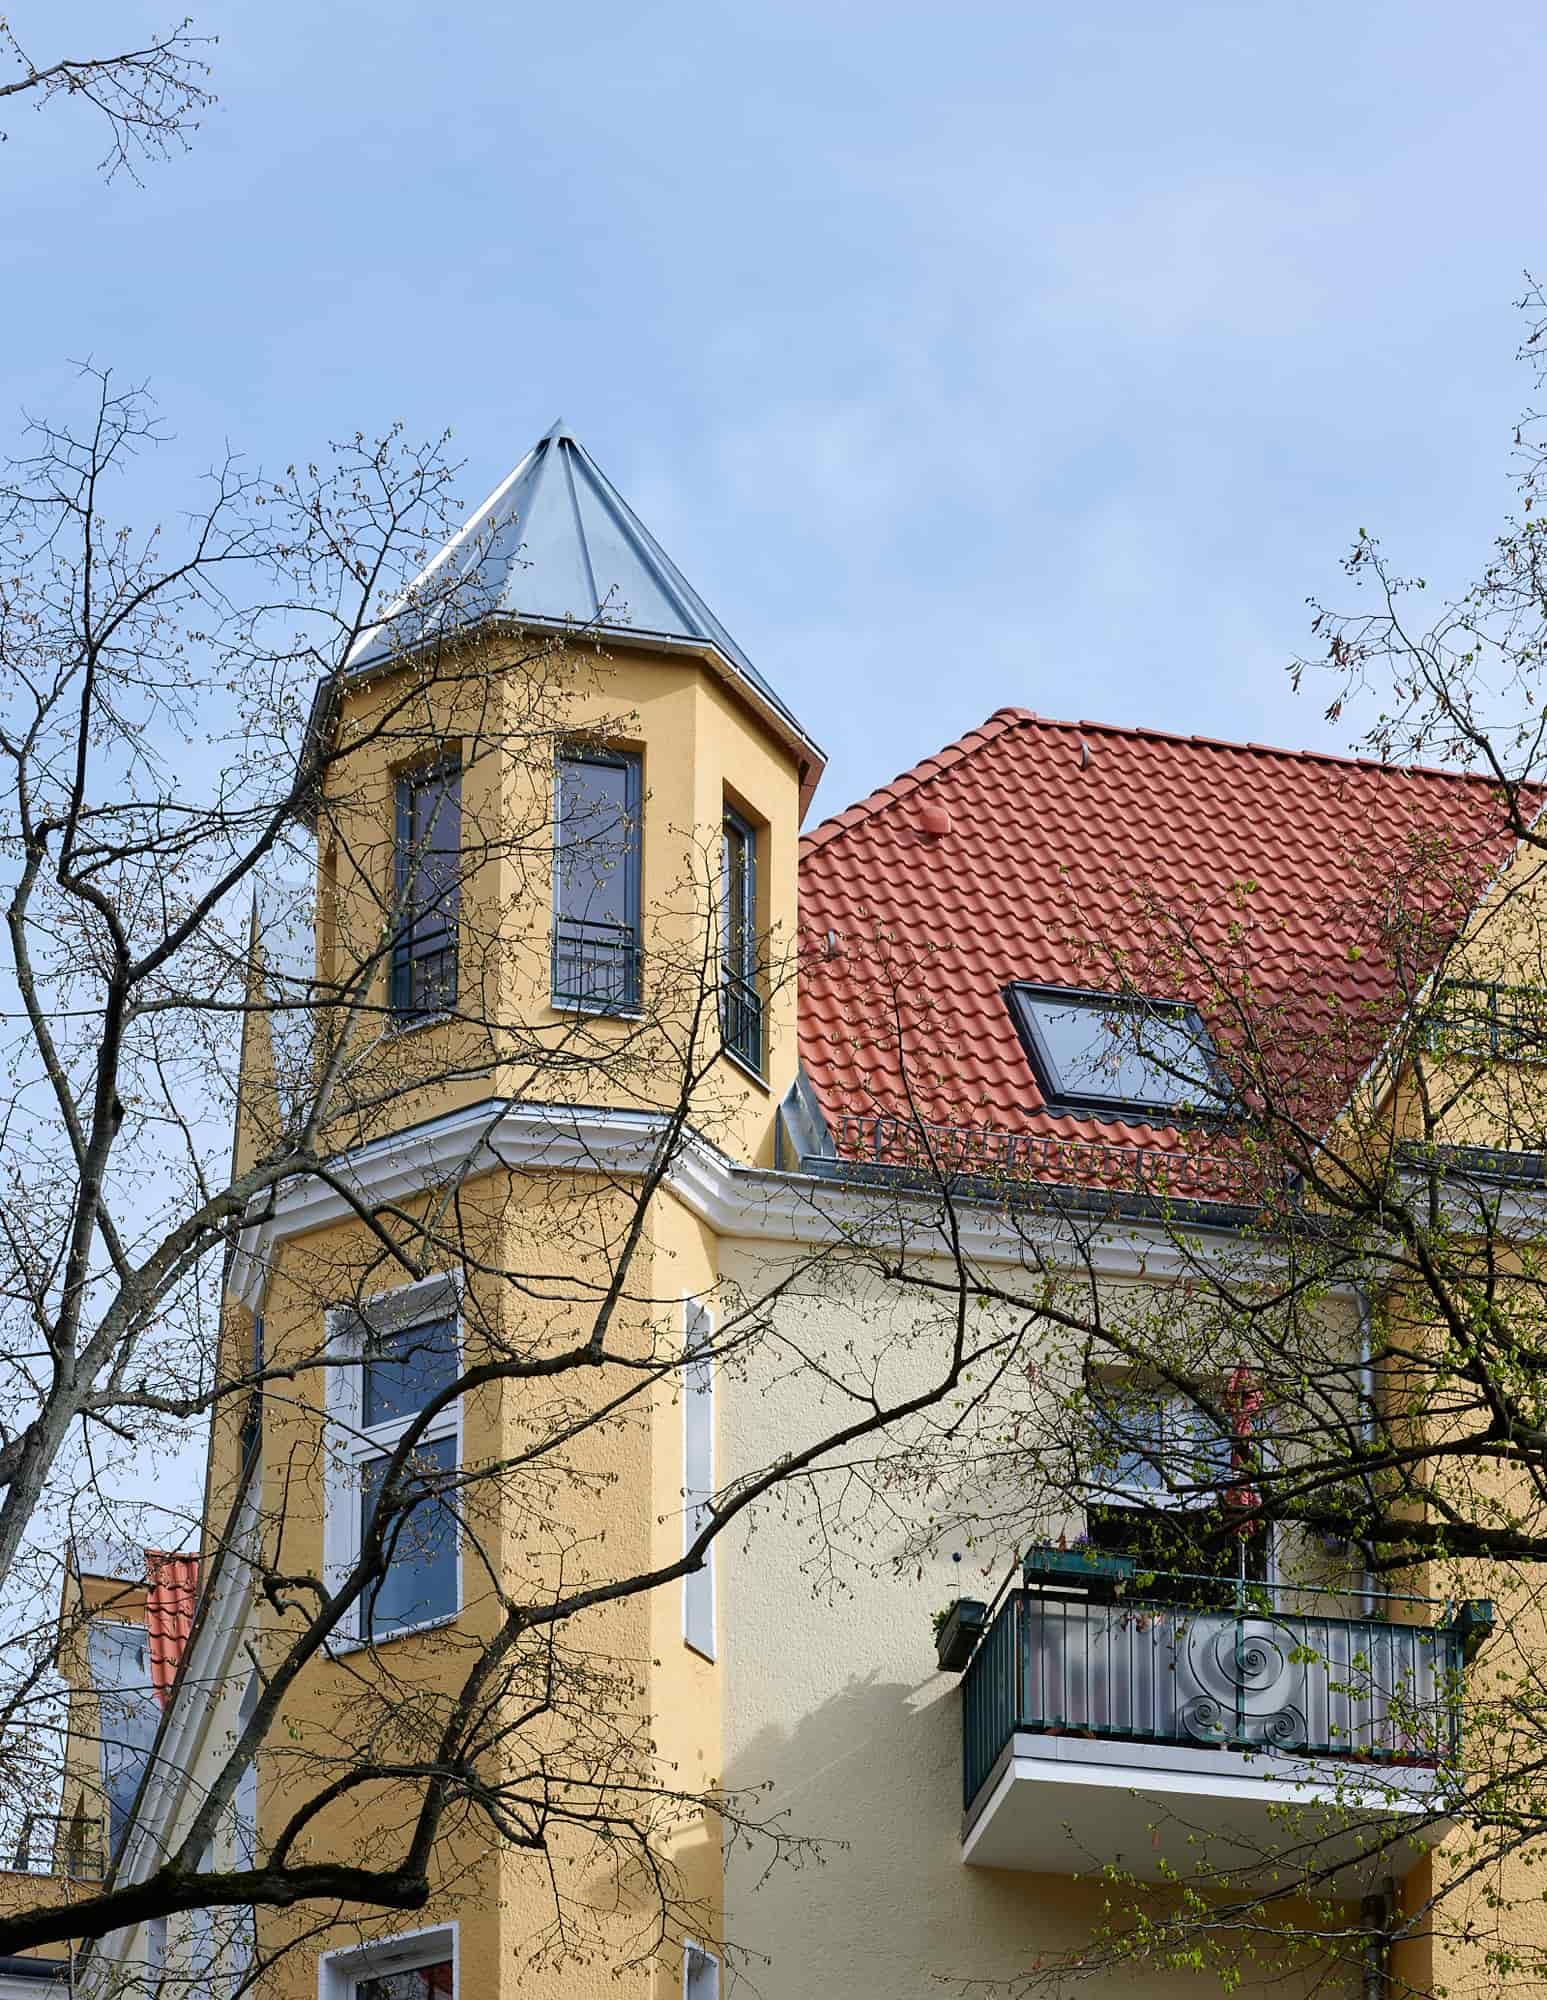 Gabriele Riesner, Architektin, Berlin, Dachgeschossausbau eines Mietshauses in Berlin-Steglitz, Straßenfassade